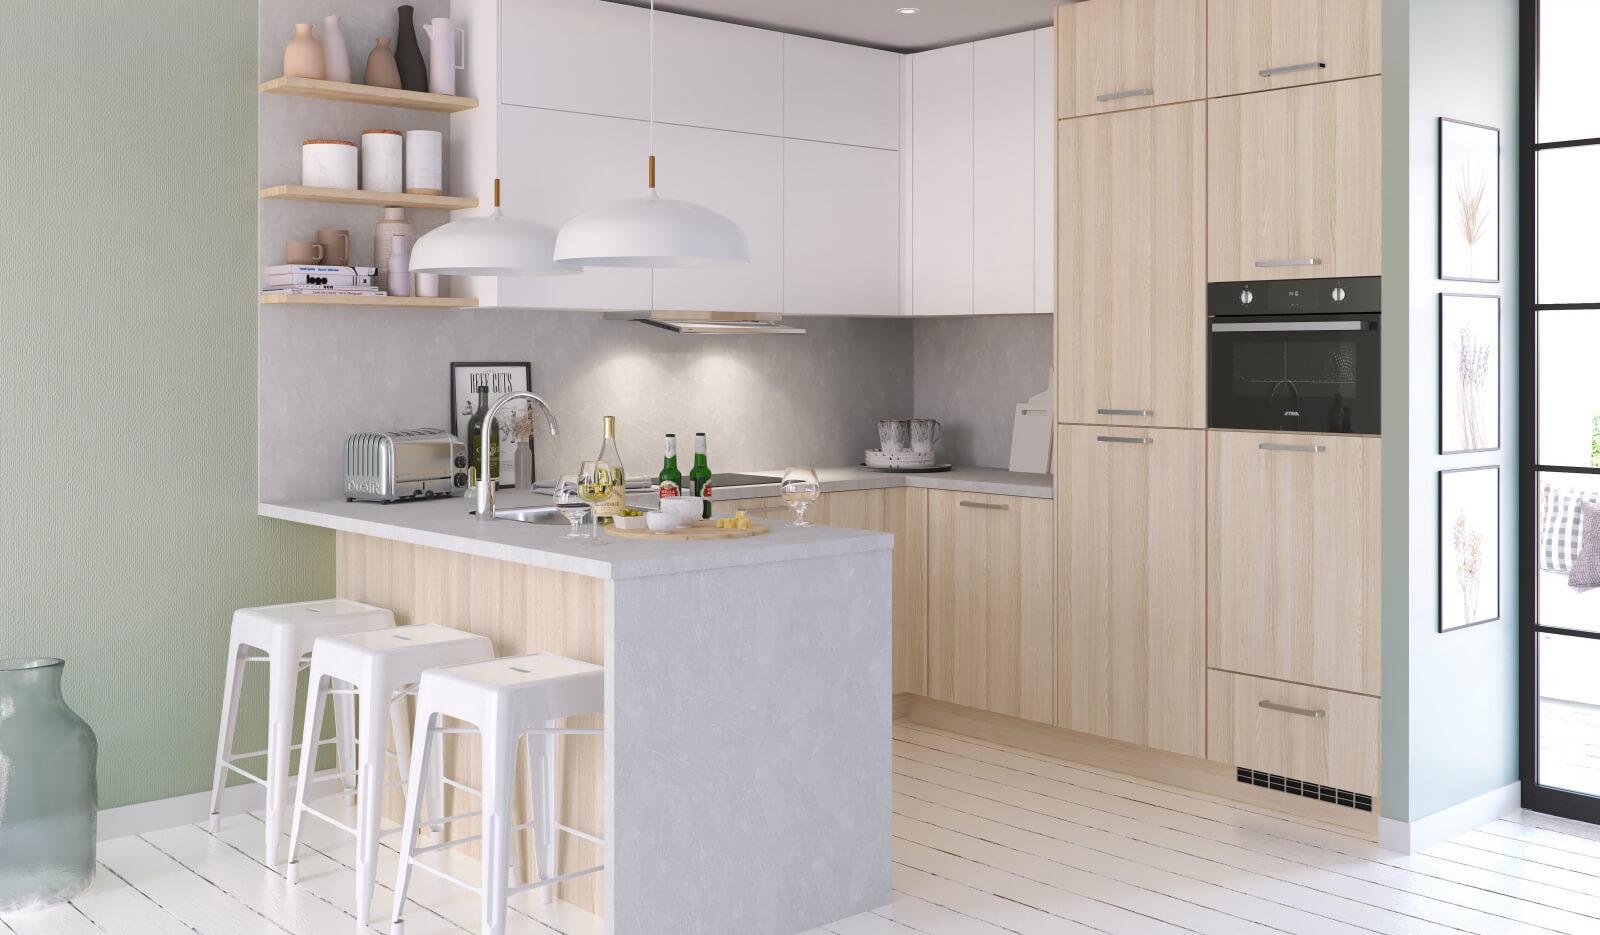 Keuken Atlas wit & acacia - u-keuken met schiereiland